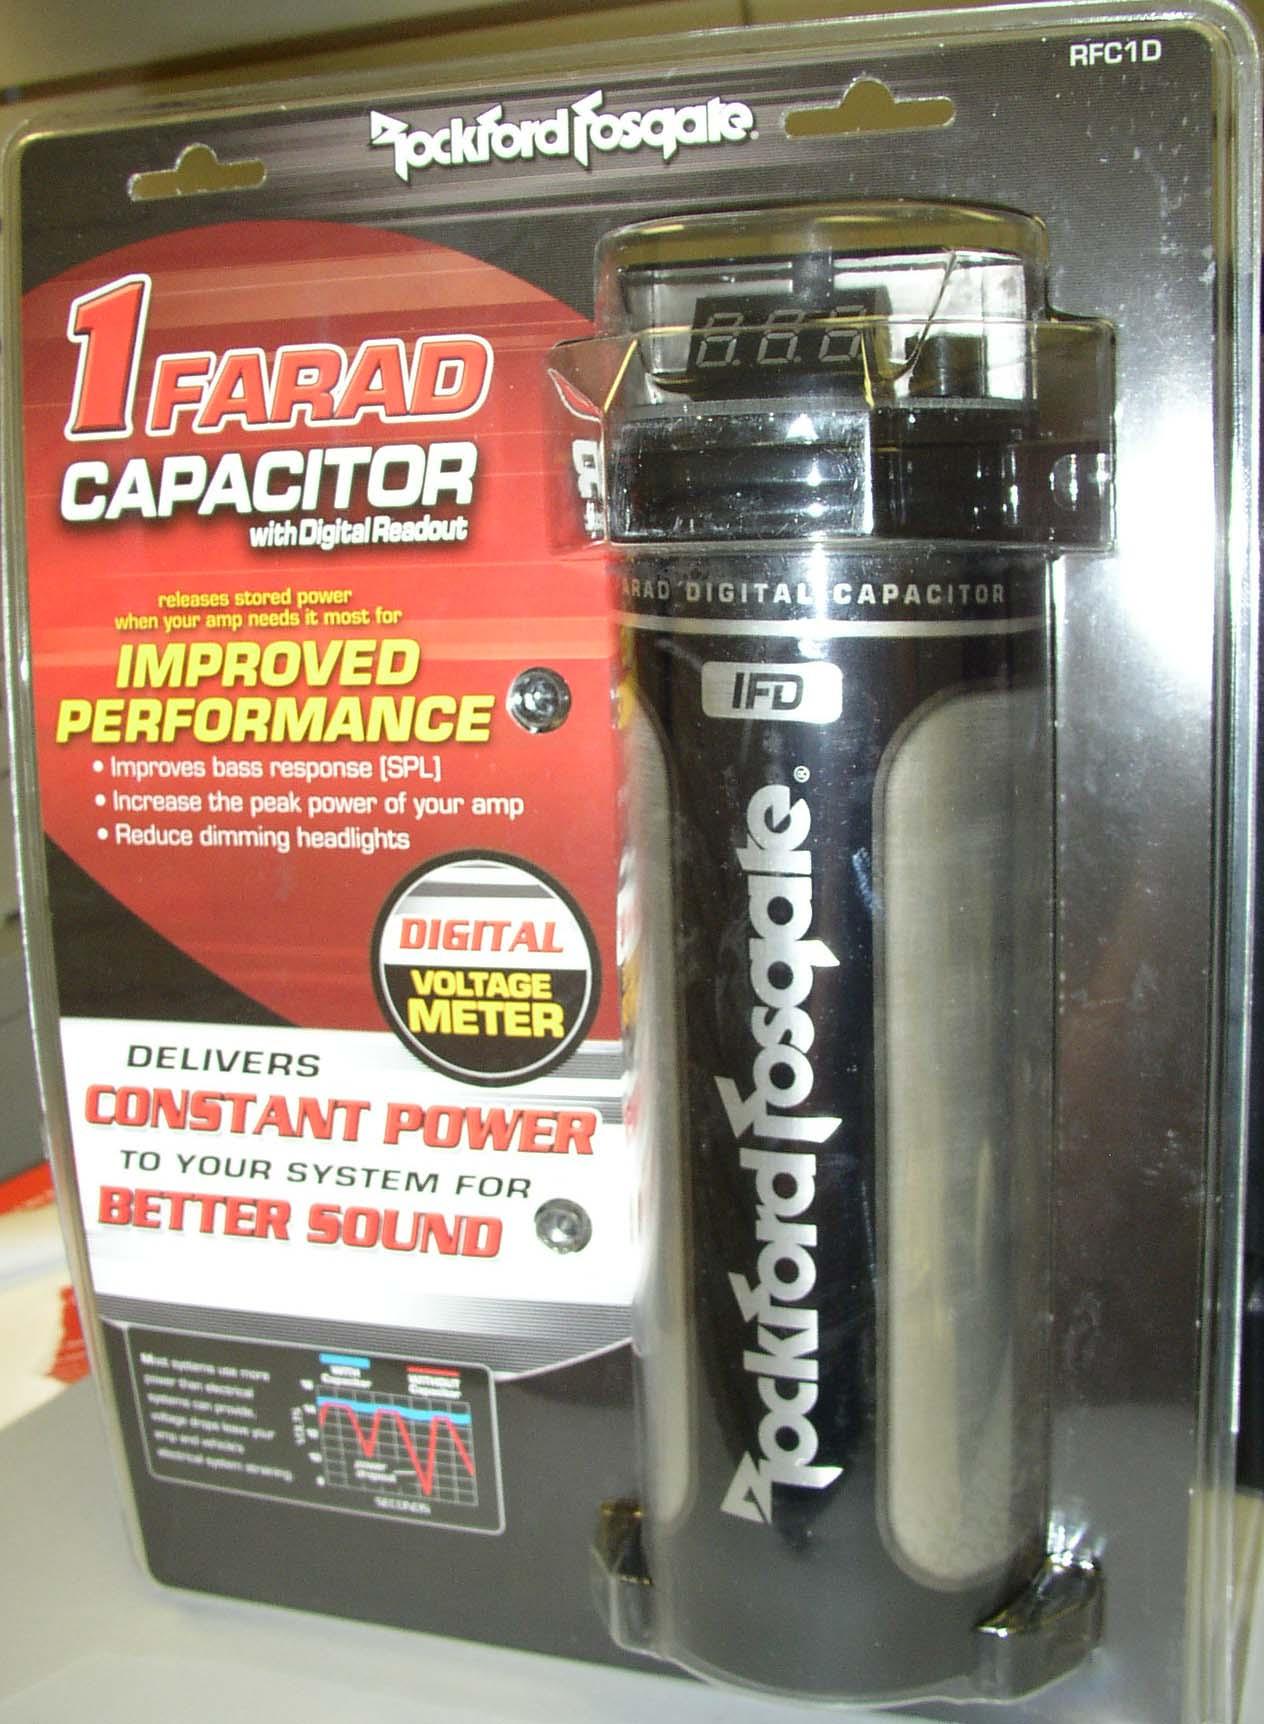 rockford fosgate capacitor wiring diagram 12v relay spotlights 1 farad digital new rfc1d ebay